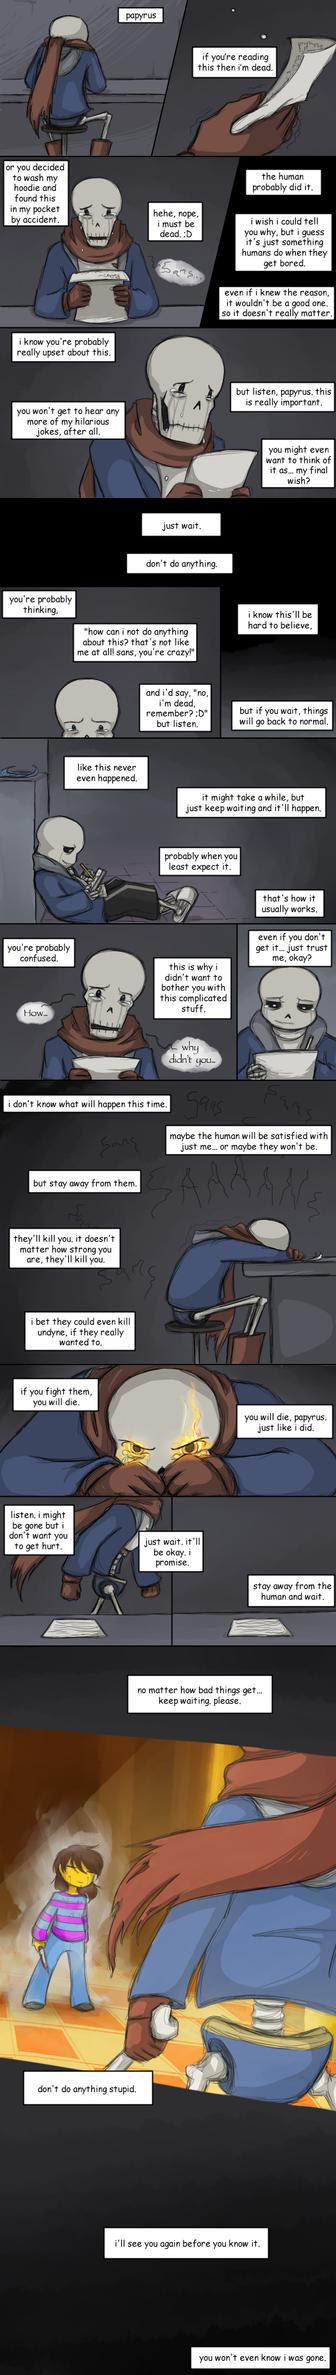 [UNDERTALE SPOILERS] it'll be okay by zarla